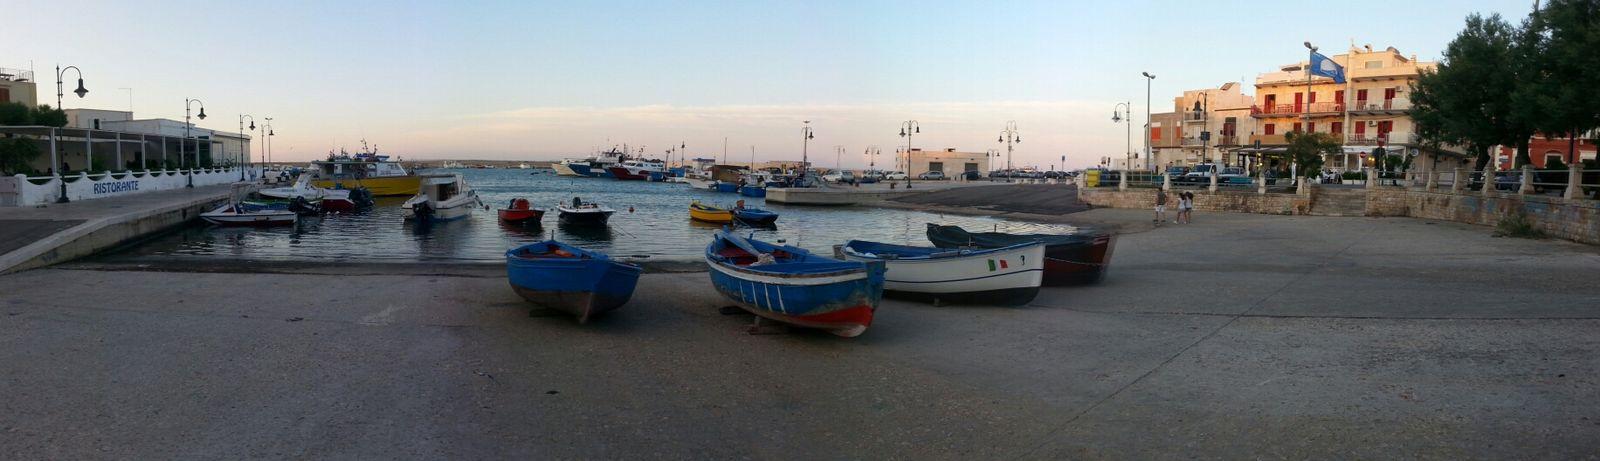 Summer Sea Boats Sunshine